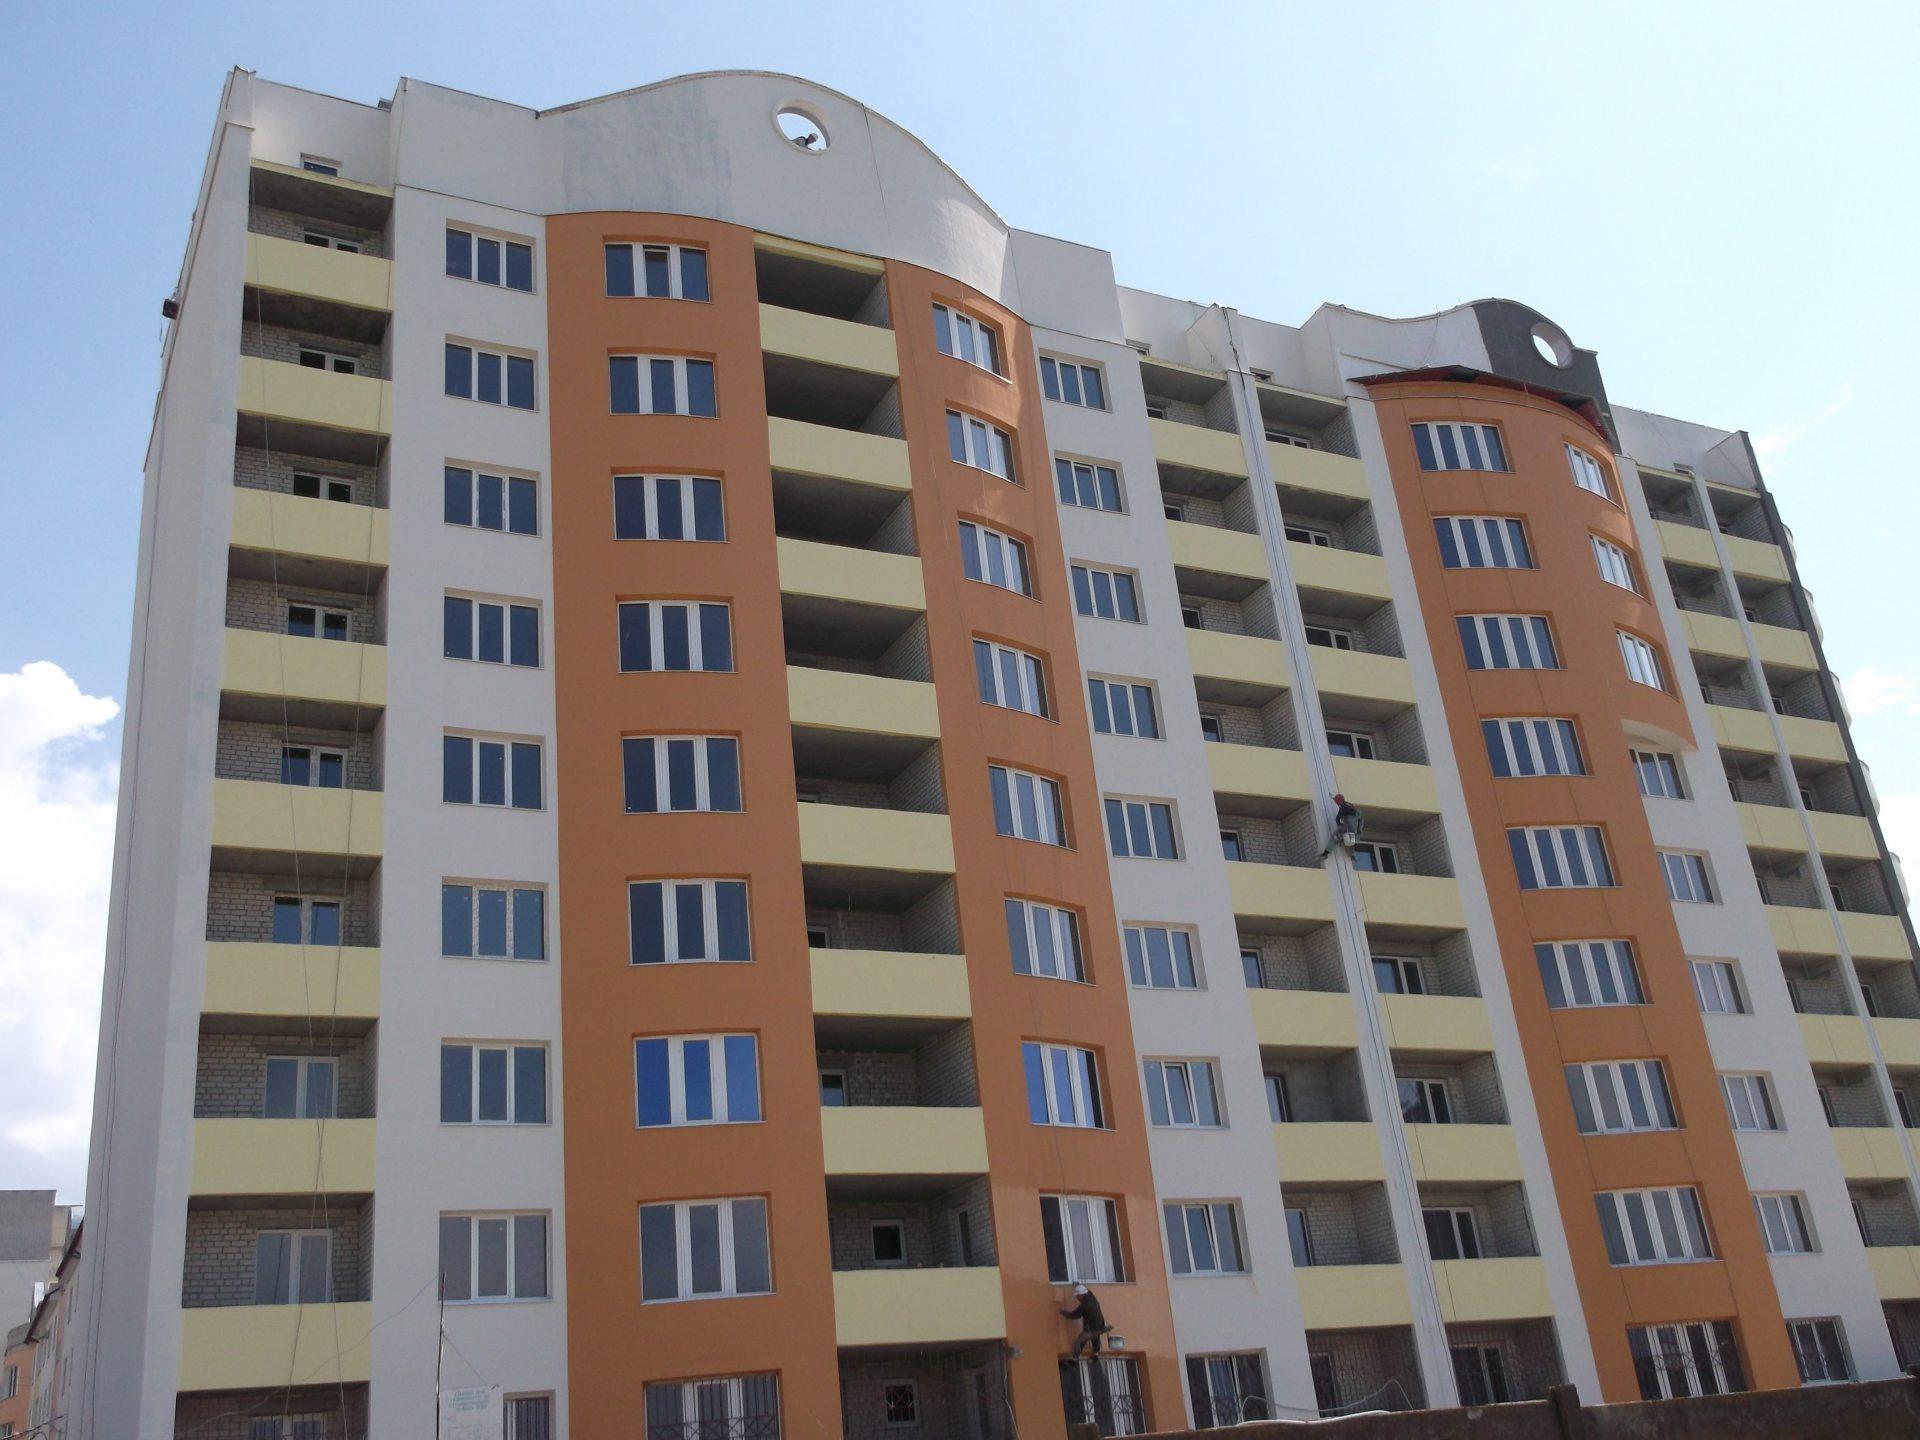 Сотрудница Херсонгаза предотвратила взрыв в многоэтажке